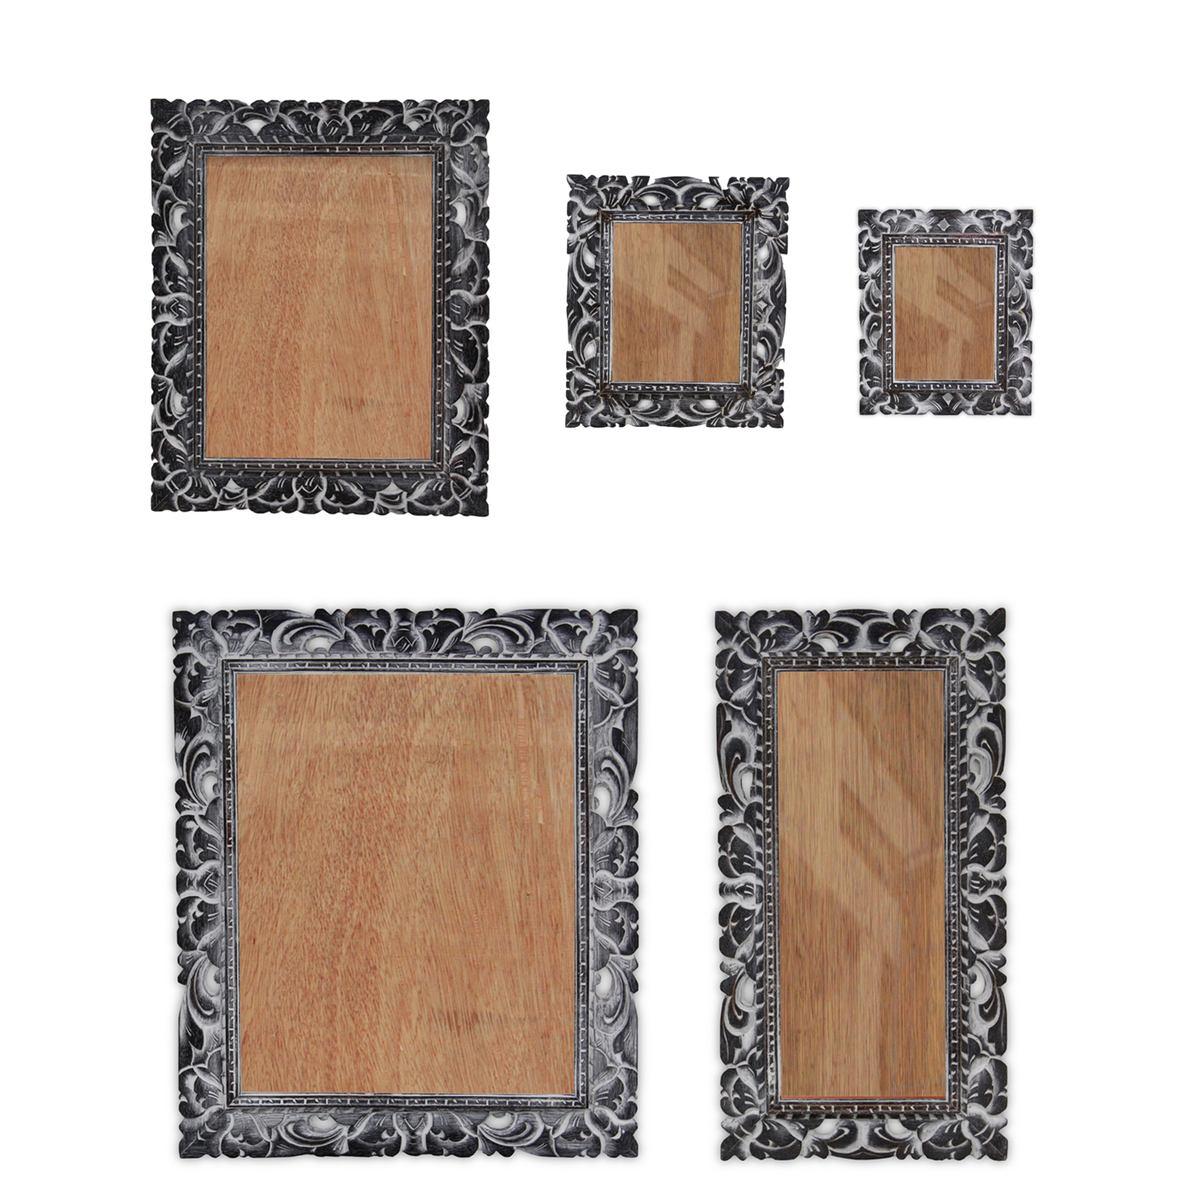 bilderrahmen aus holz foto rahmen schnitzerei wand deko glas dekoration bilderrahmen 10007190. Black Bedroom Furniture Sets. Home Design Ideas